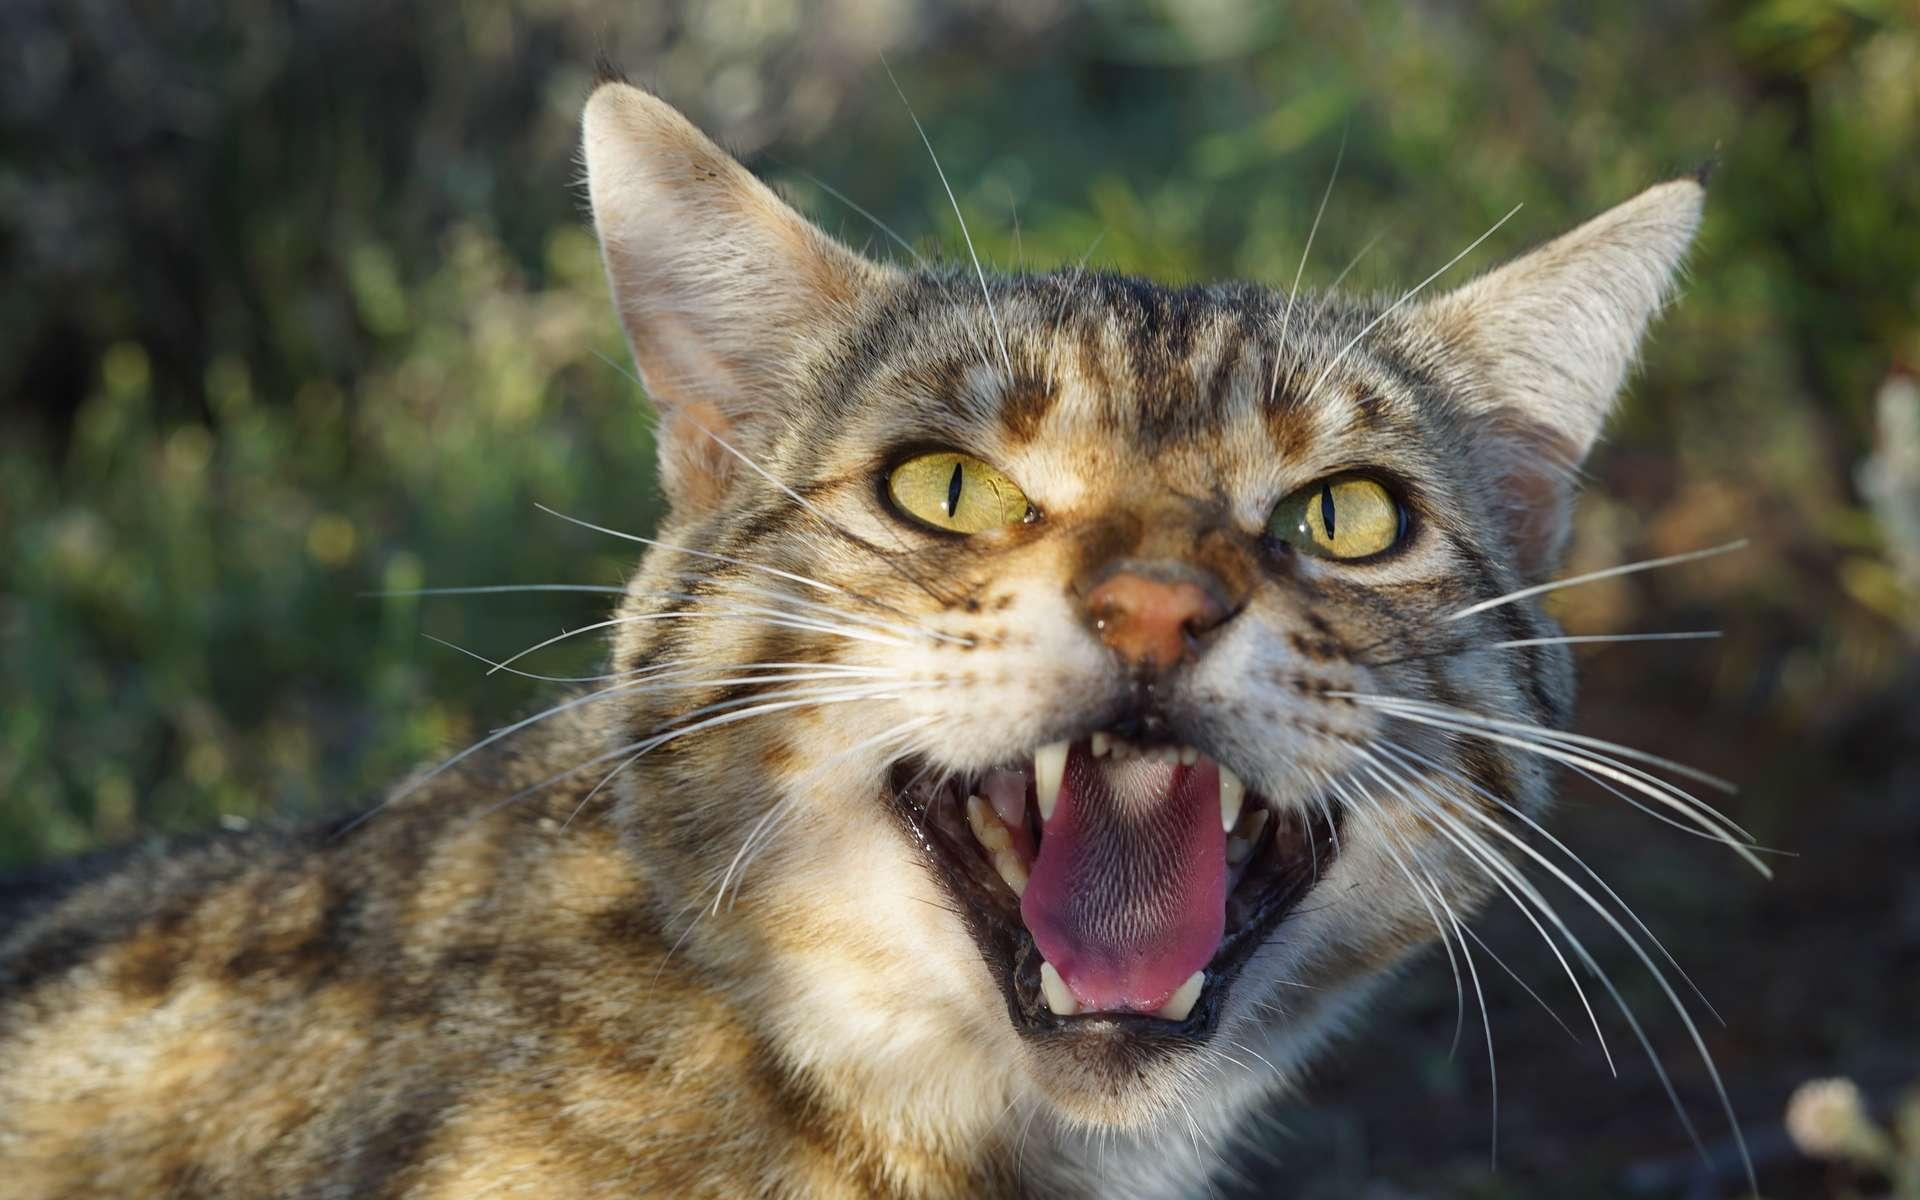 Le chat sauvage est une espèce invasive de l'Australie. © Hugh McGregor, Arid Recovery